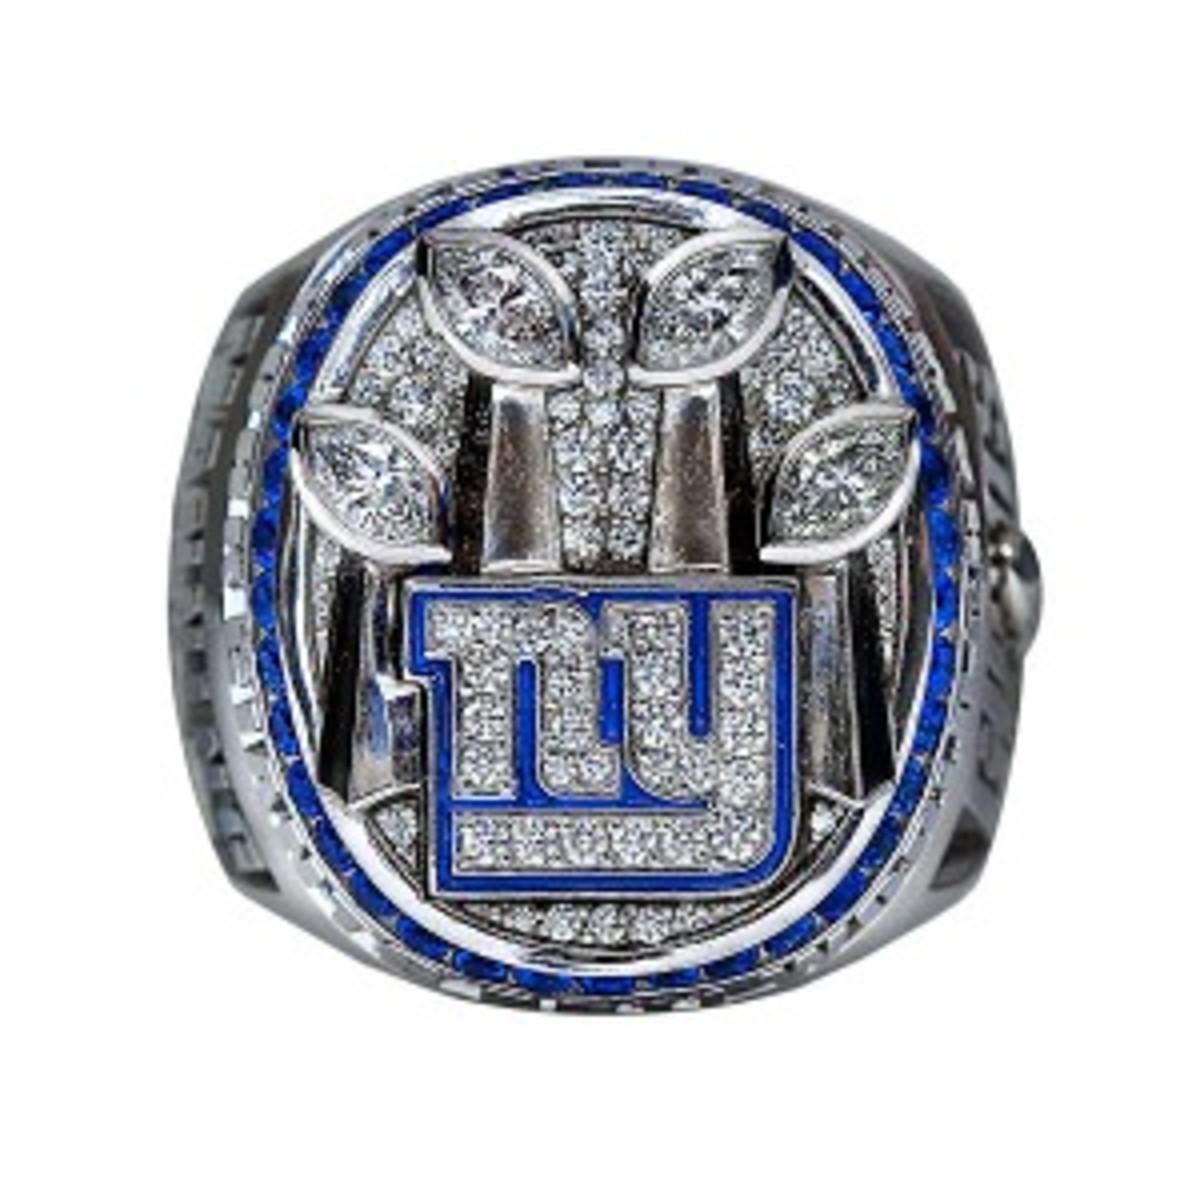 XLVI Super Bowl NFL Ring - New York Giants 2012